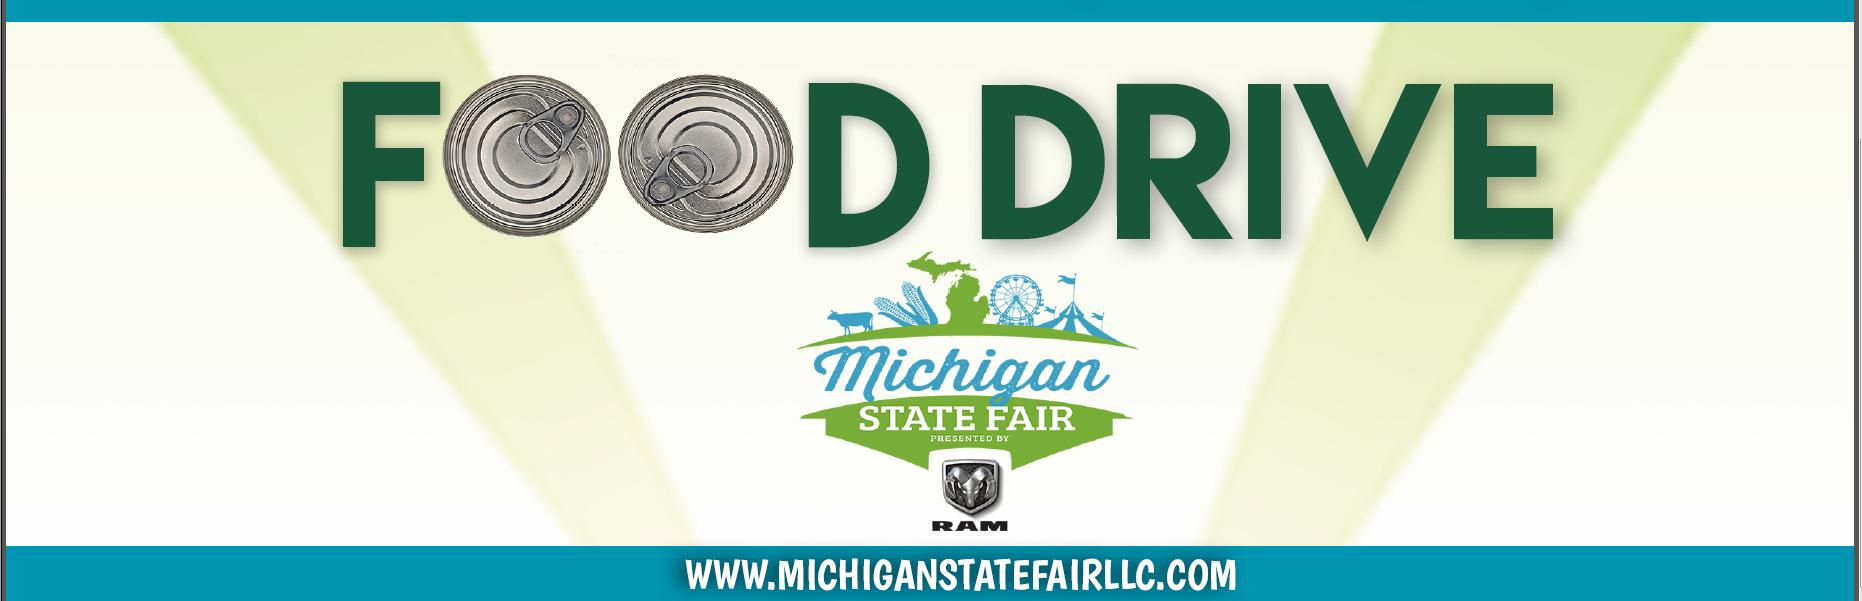 Michigan State Fair